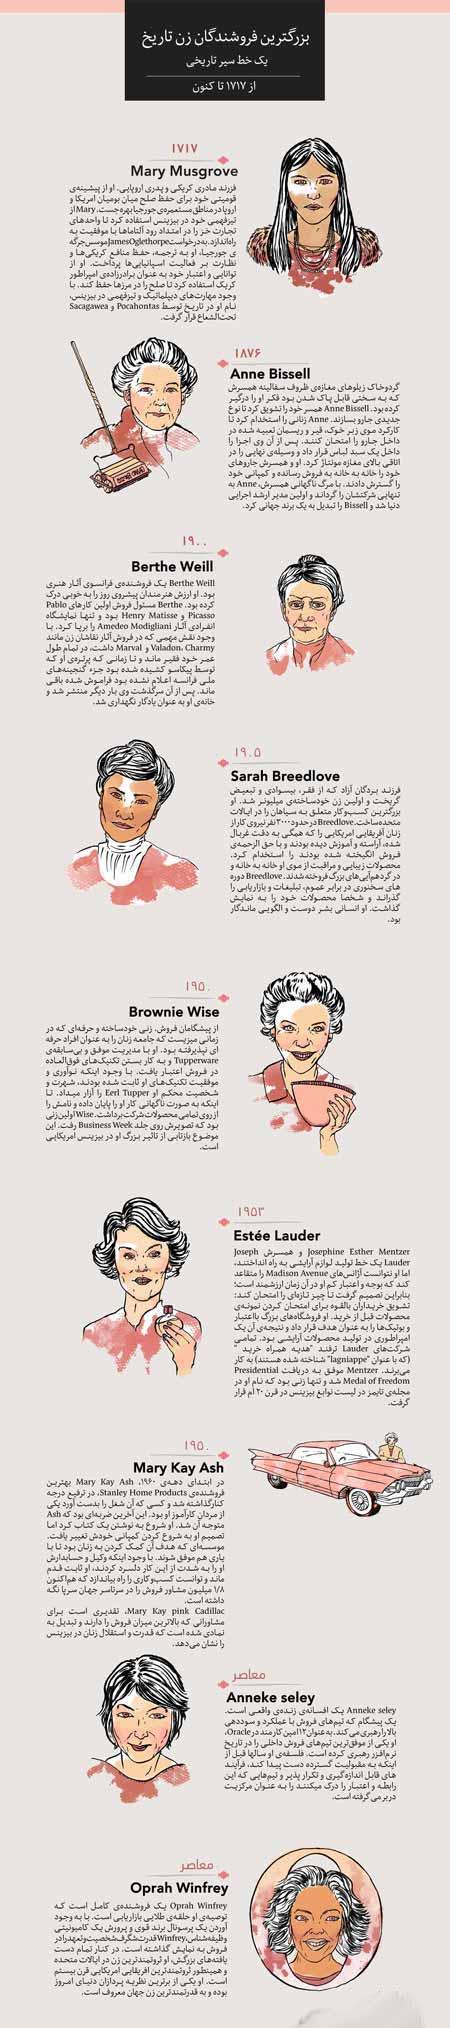 عکس و اینفوگرافی موفق ترین فروشندگان زن تاریخ